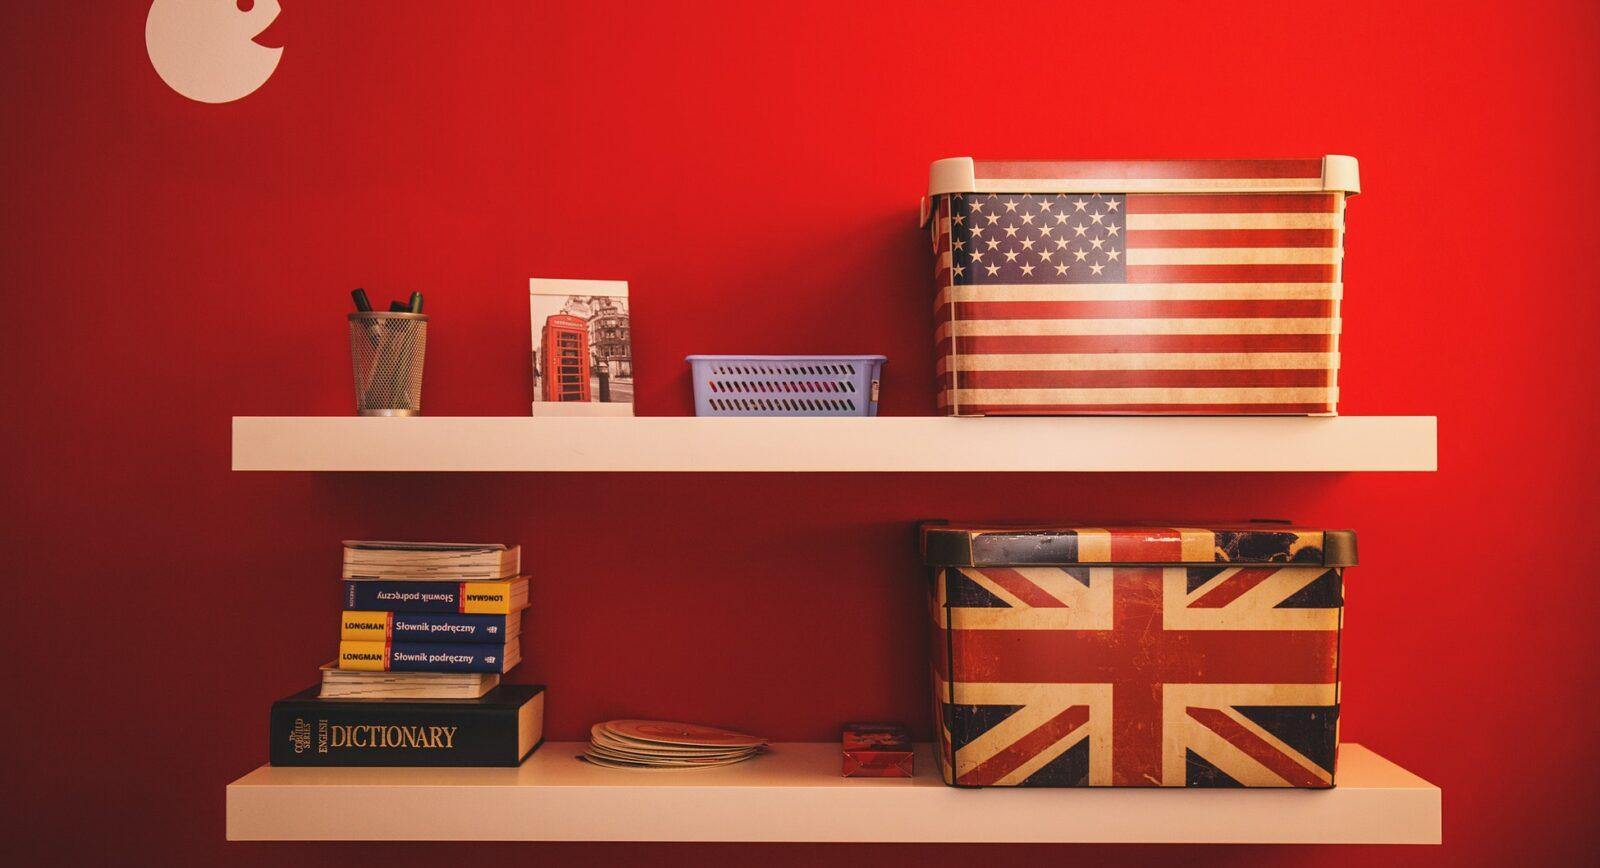 5 gadījumi, kad svešvalodu prasme var ietekmēt darba meklējumus ārzemēs